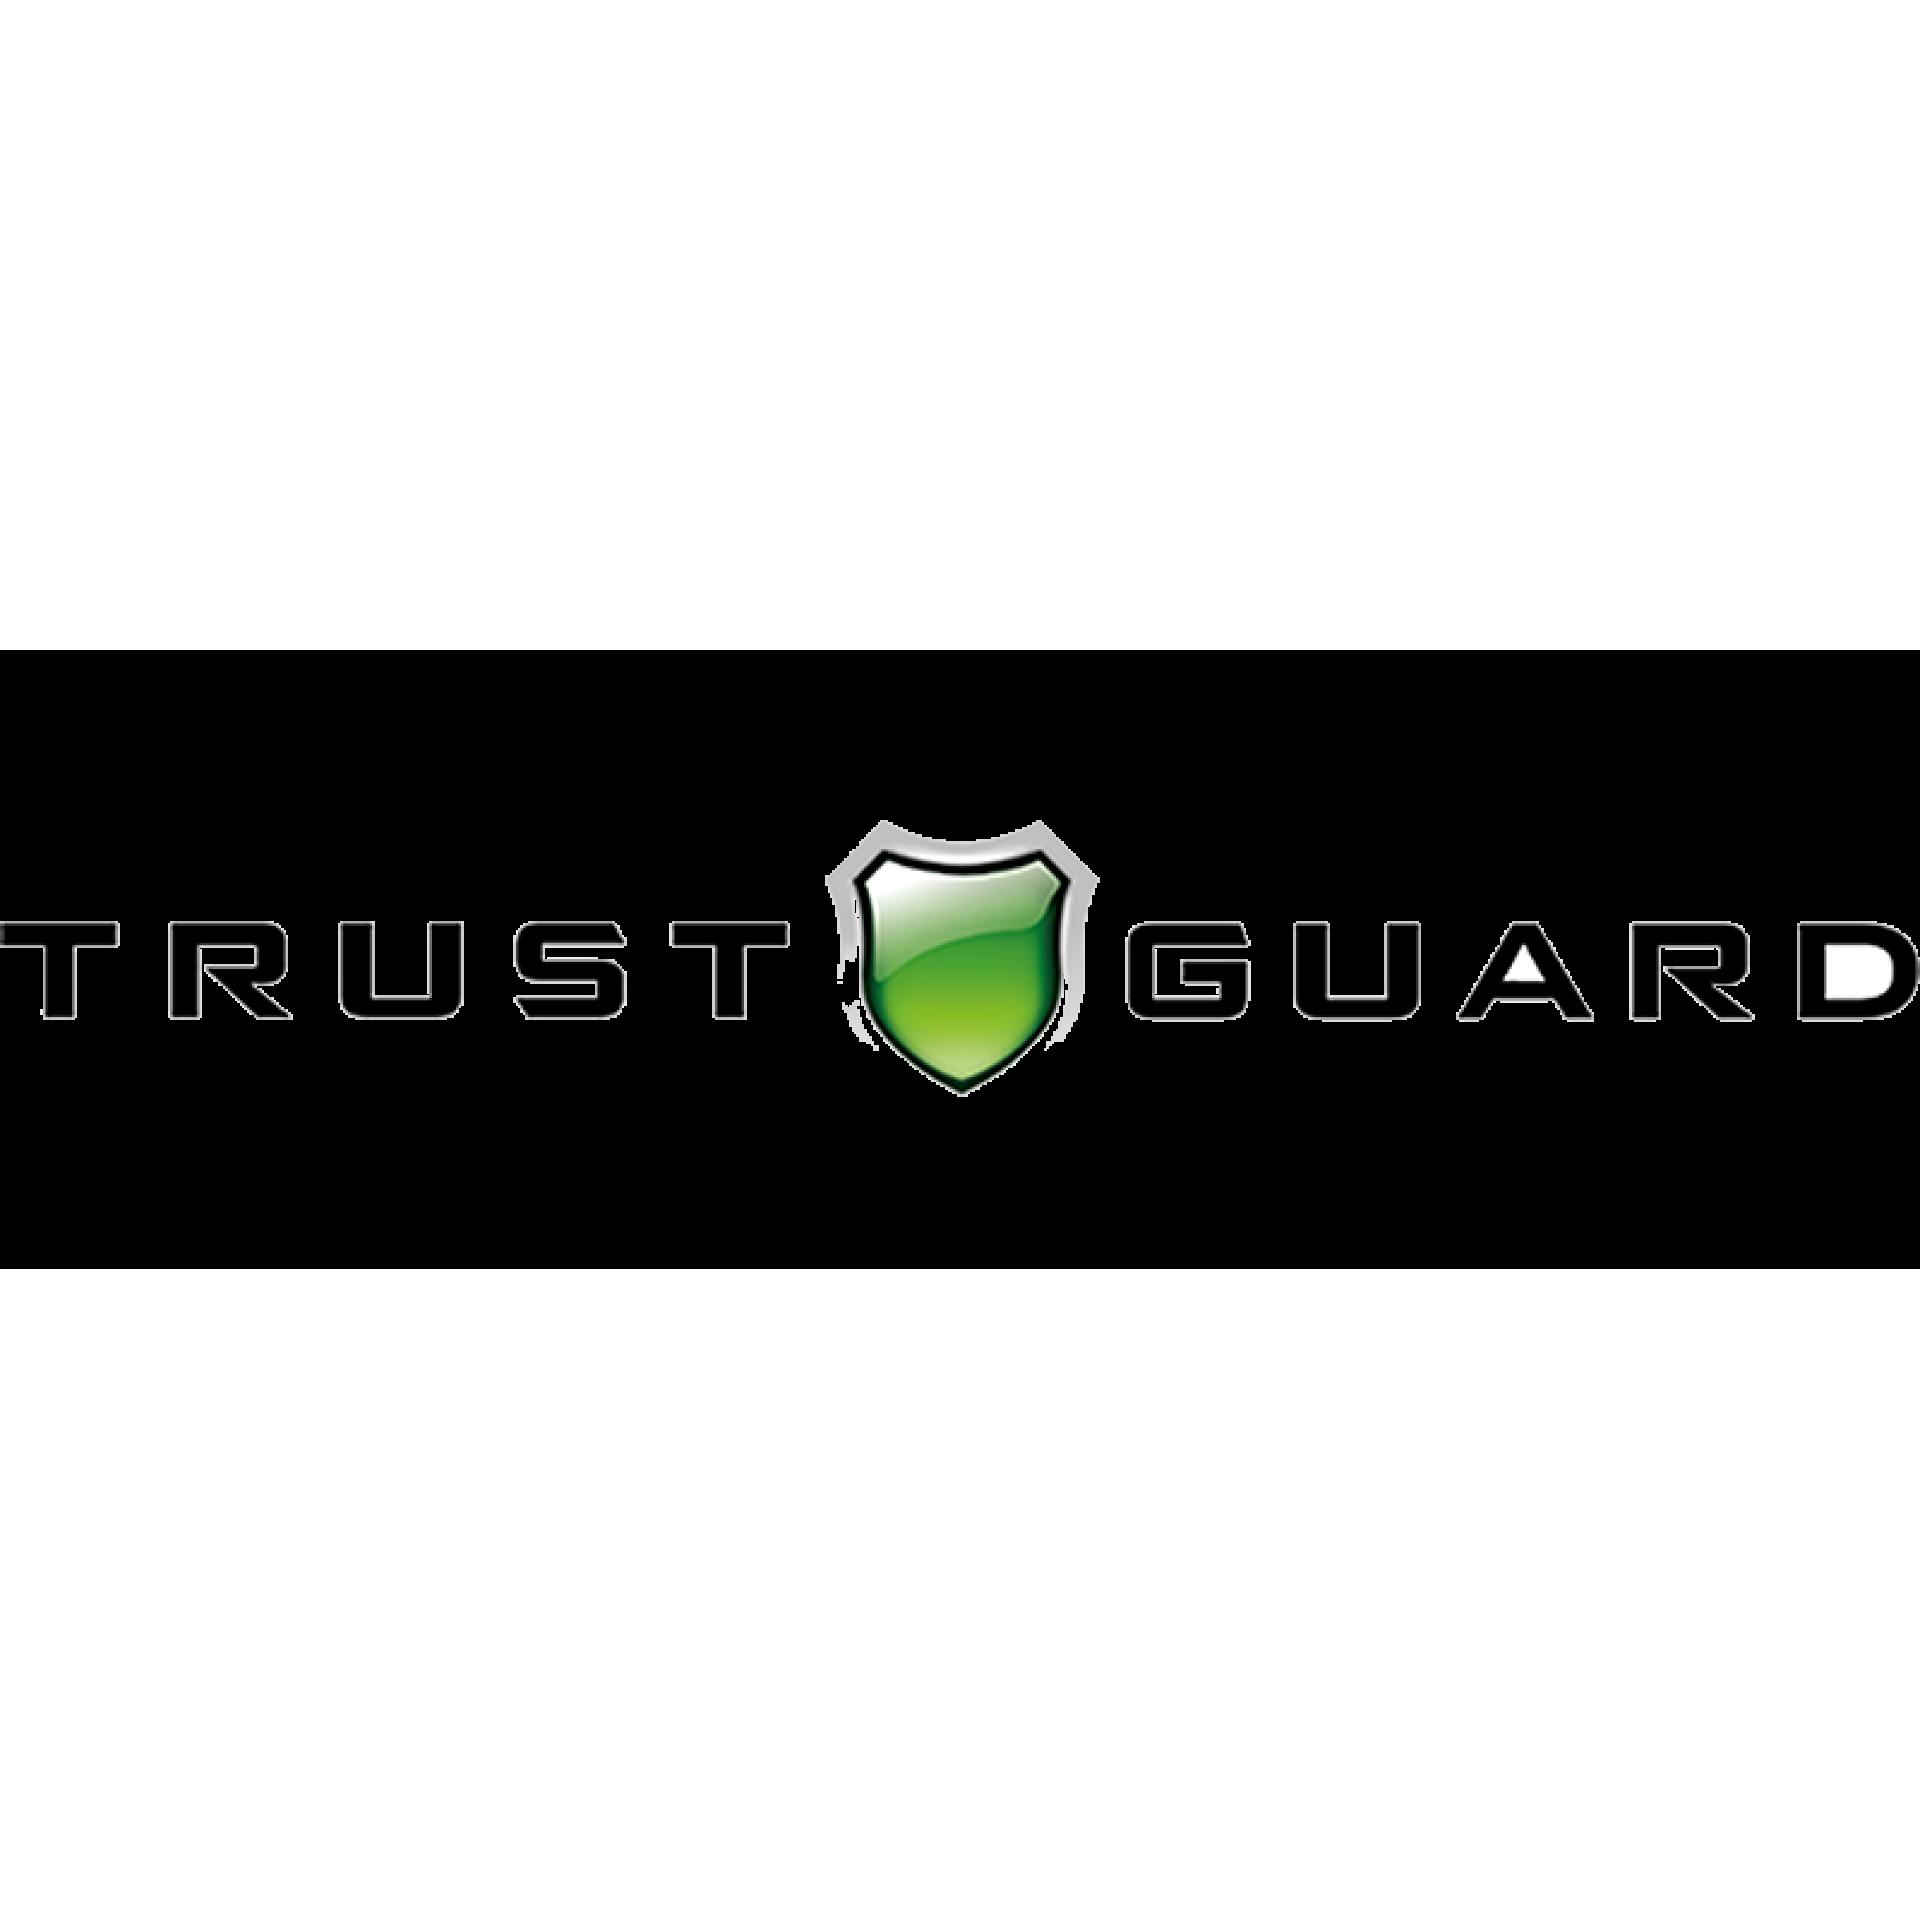 официальная печать безопасности для проекта